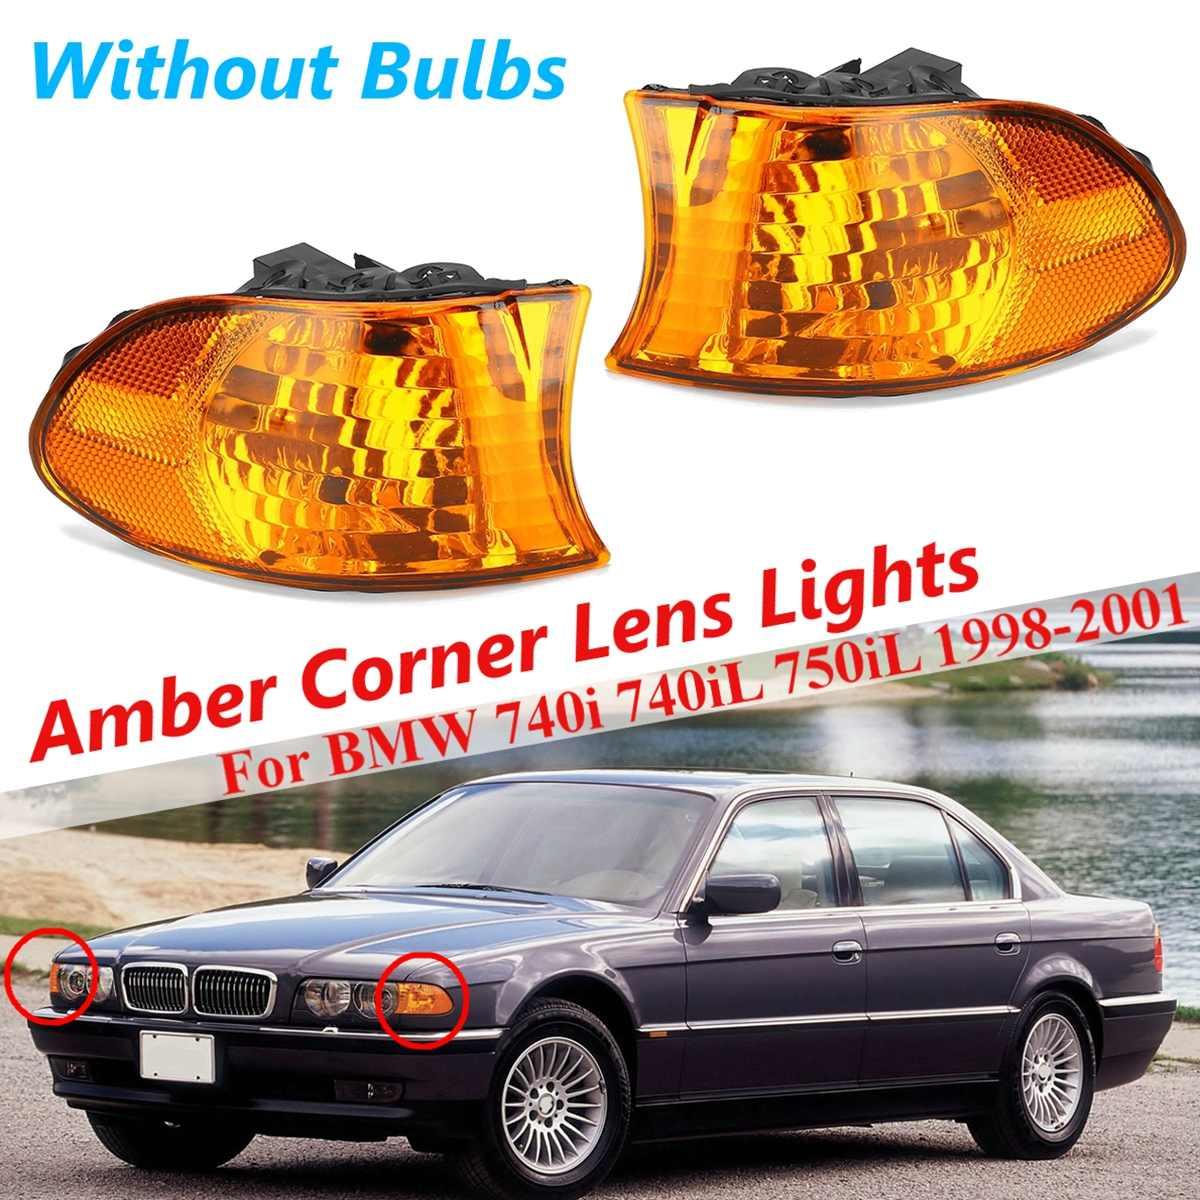 Para BMW E38 7 Series 740i 740iL 750iL, 1 par, luz de señal Coner ámbar delantera para coche, luz antiniebla, faros Drl, accesorios para coche con estilo